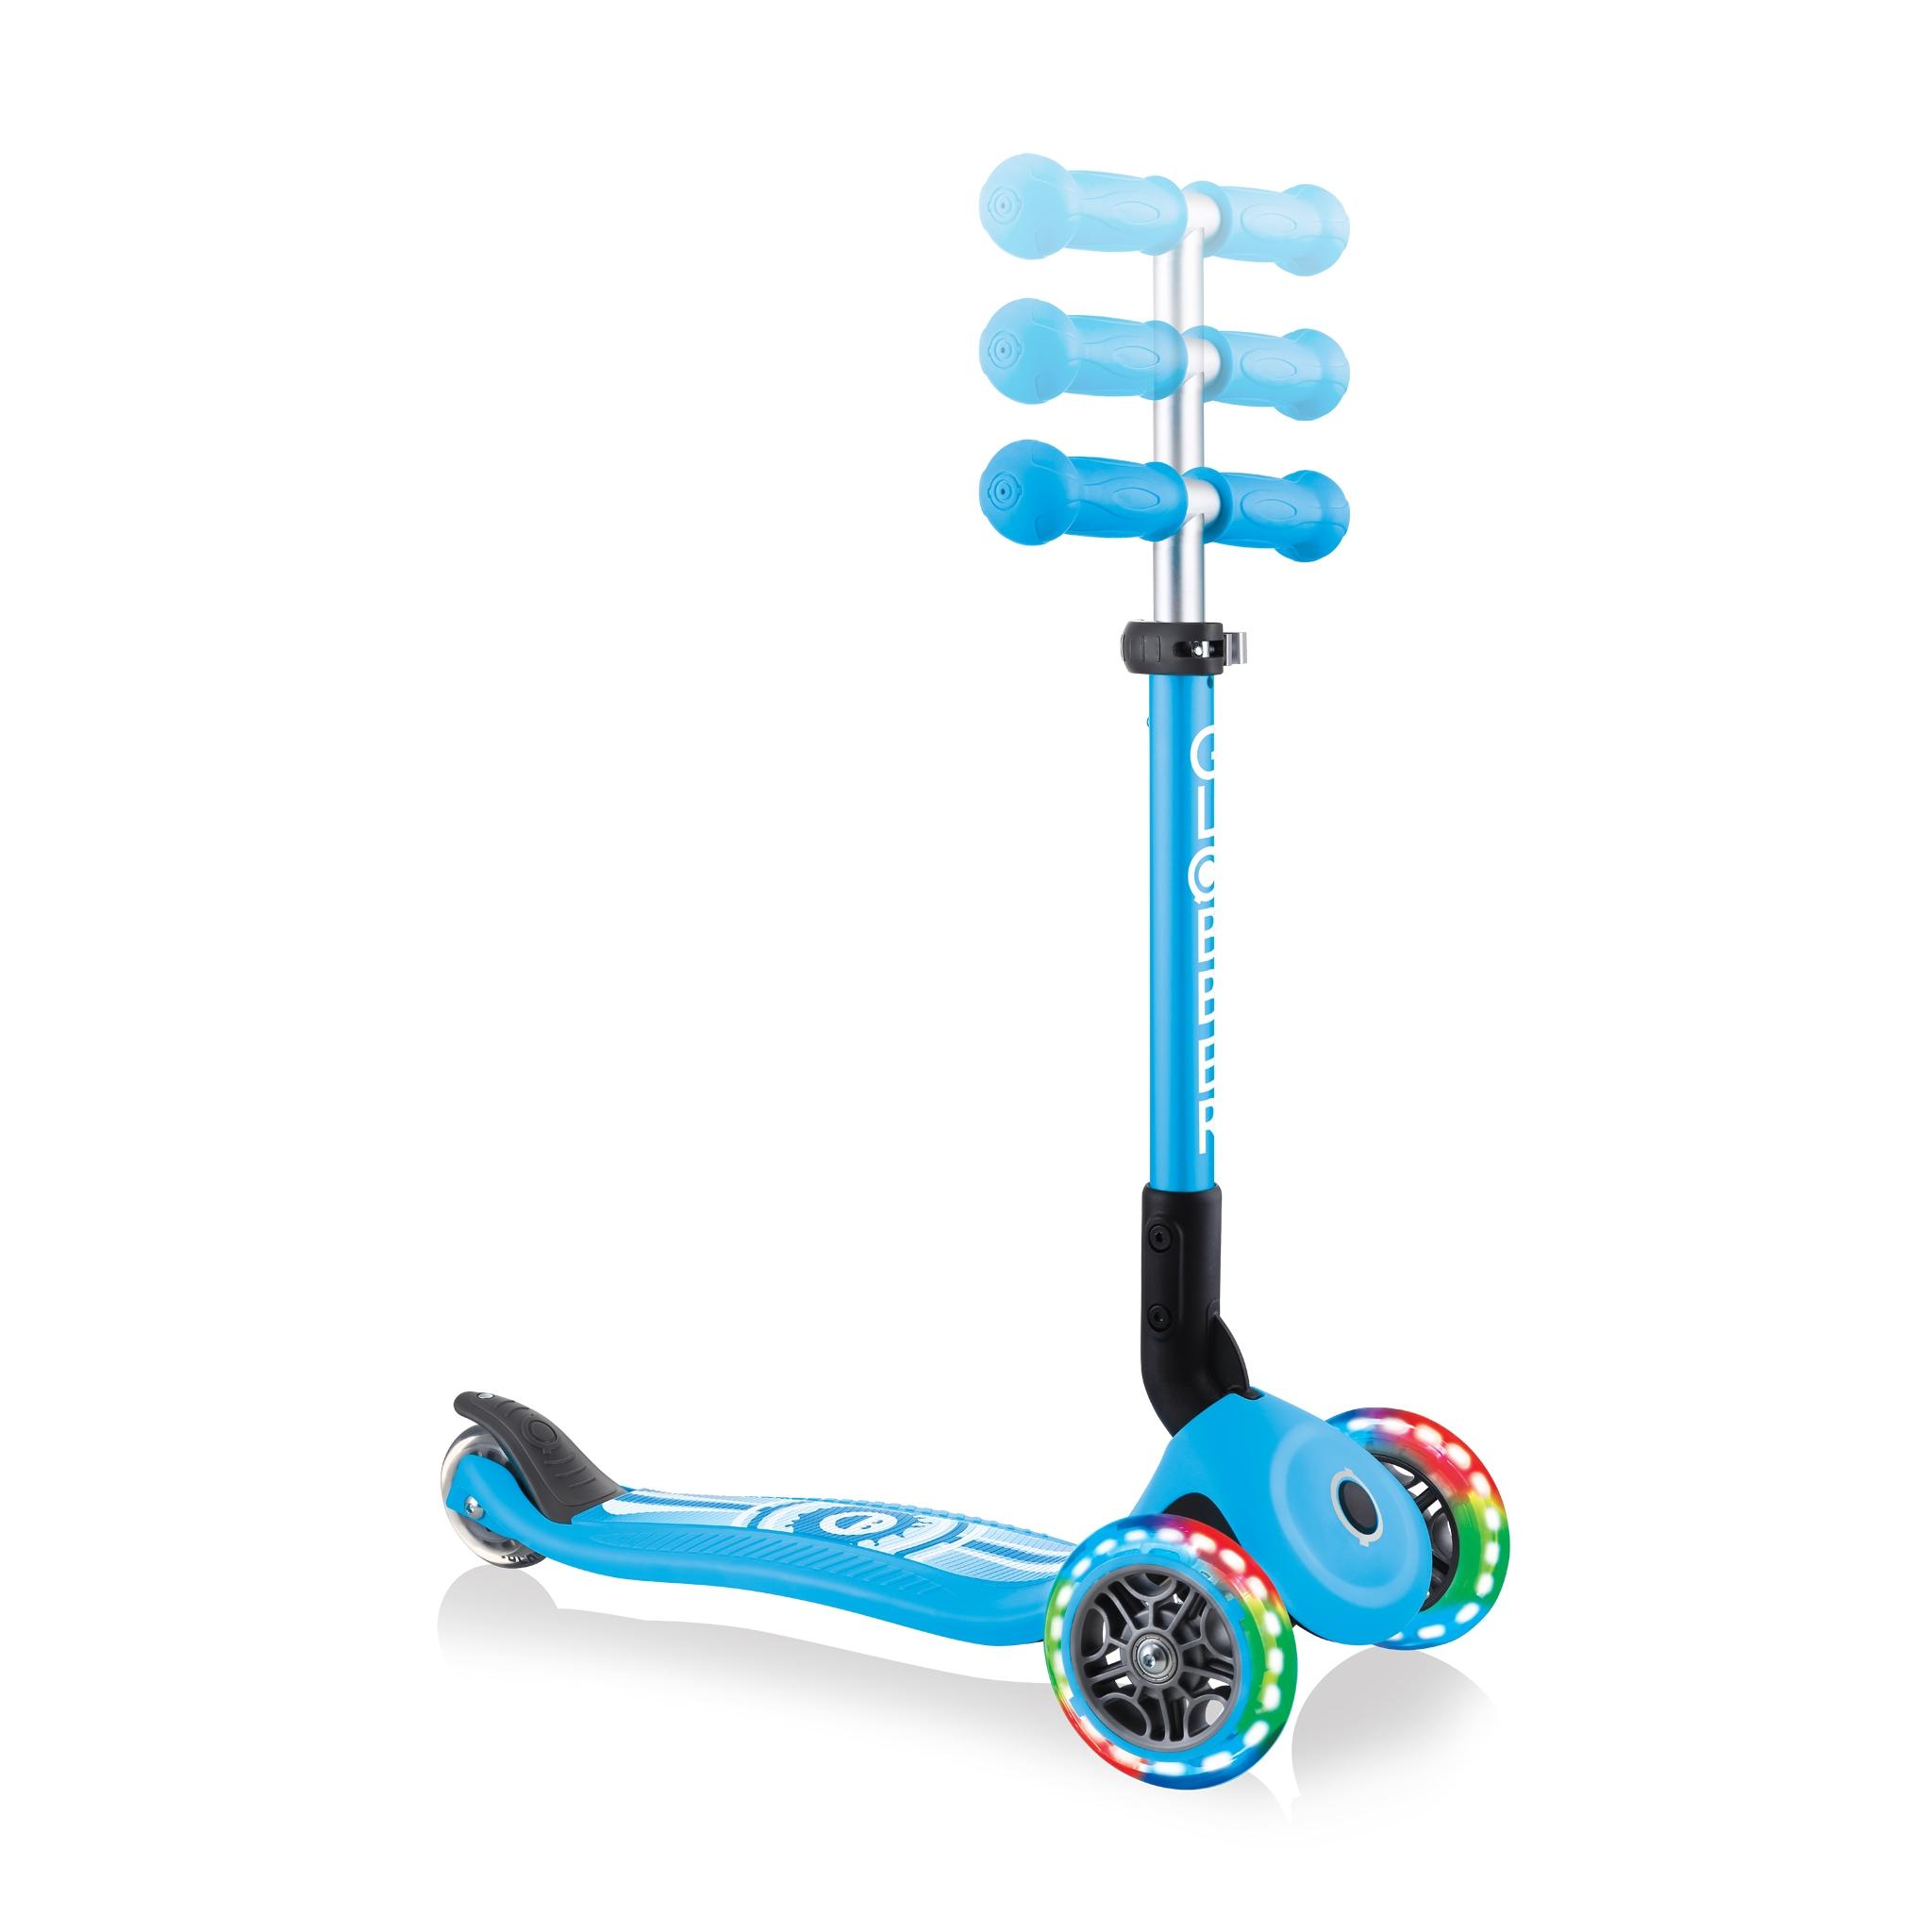 3-wheel-adjustable-scooter-for-toddlers-Globber-JUNIOR-FOLDABLE-FANTASY-LIGHTS 2